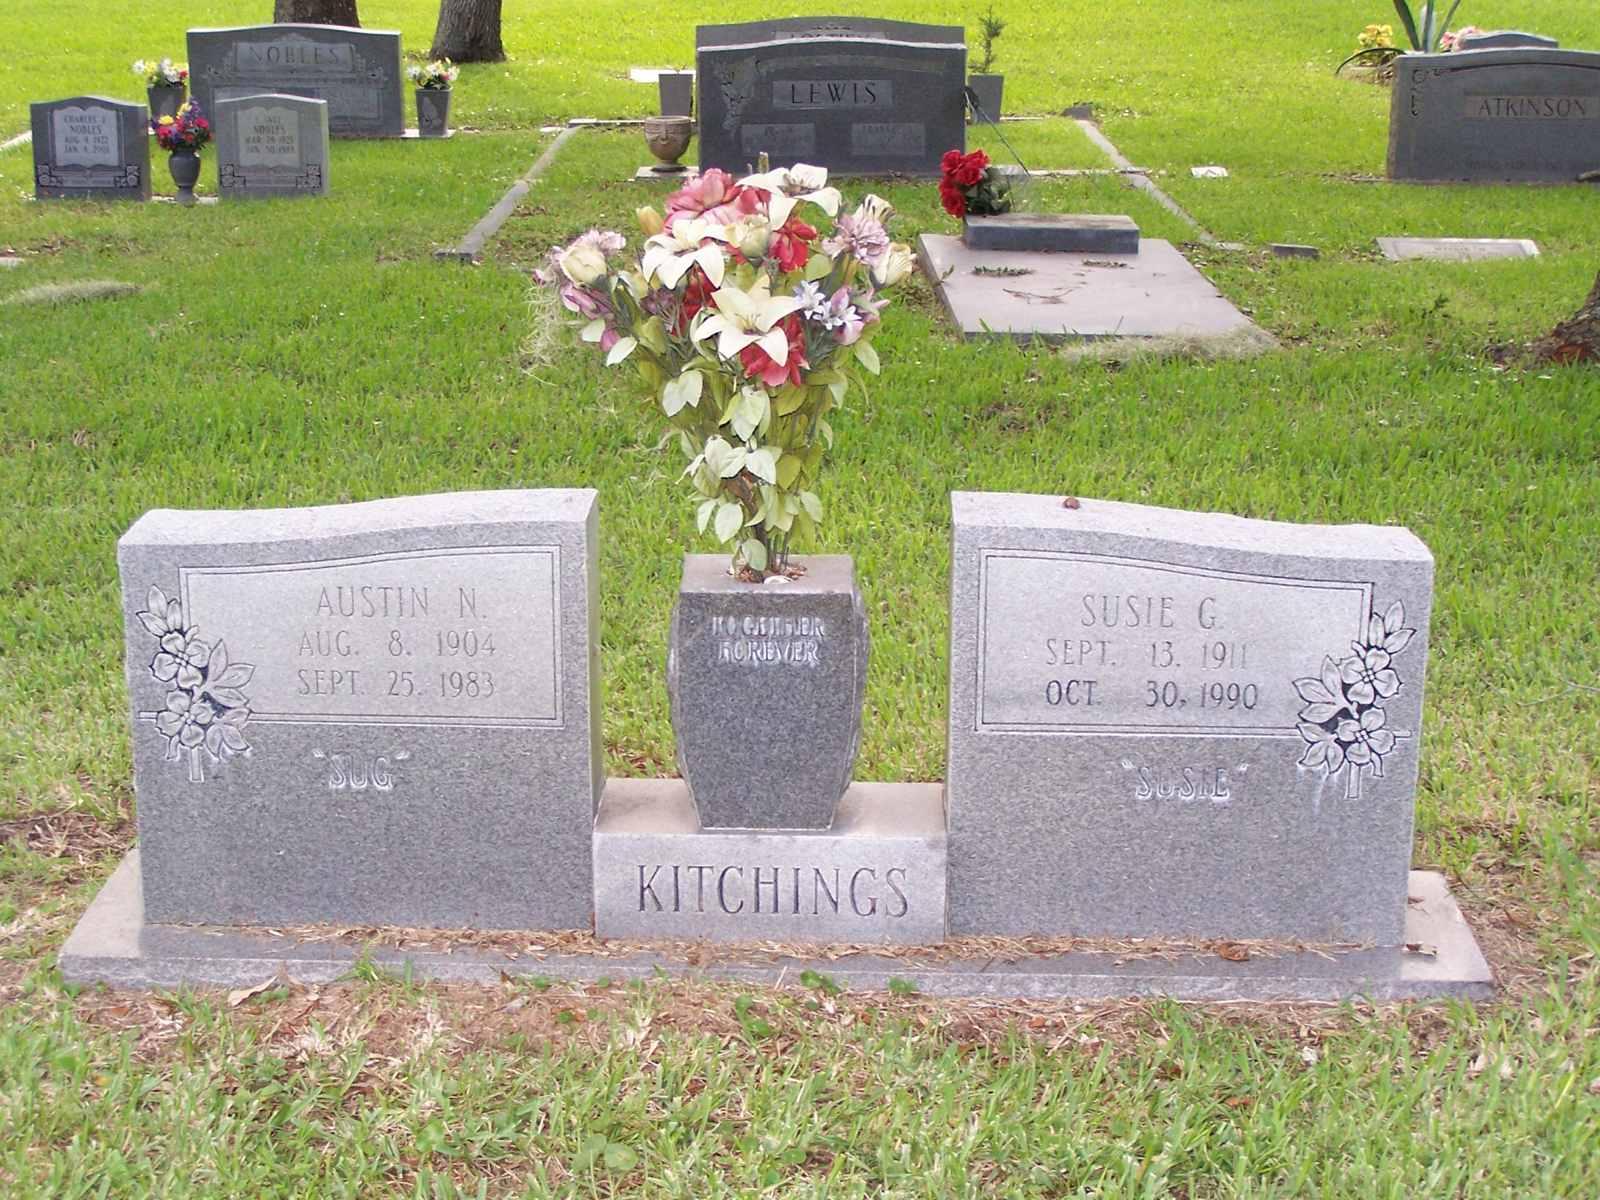 Austin Nathaniel Sug Kitchings